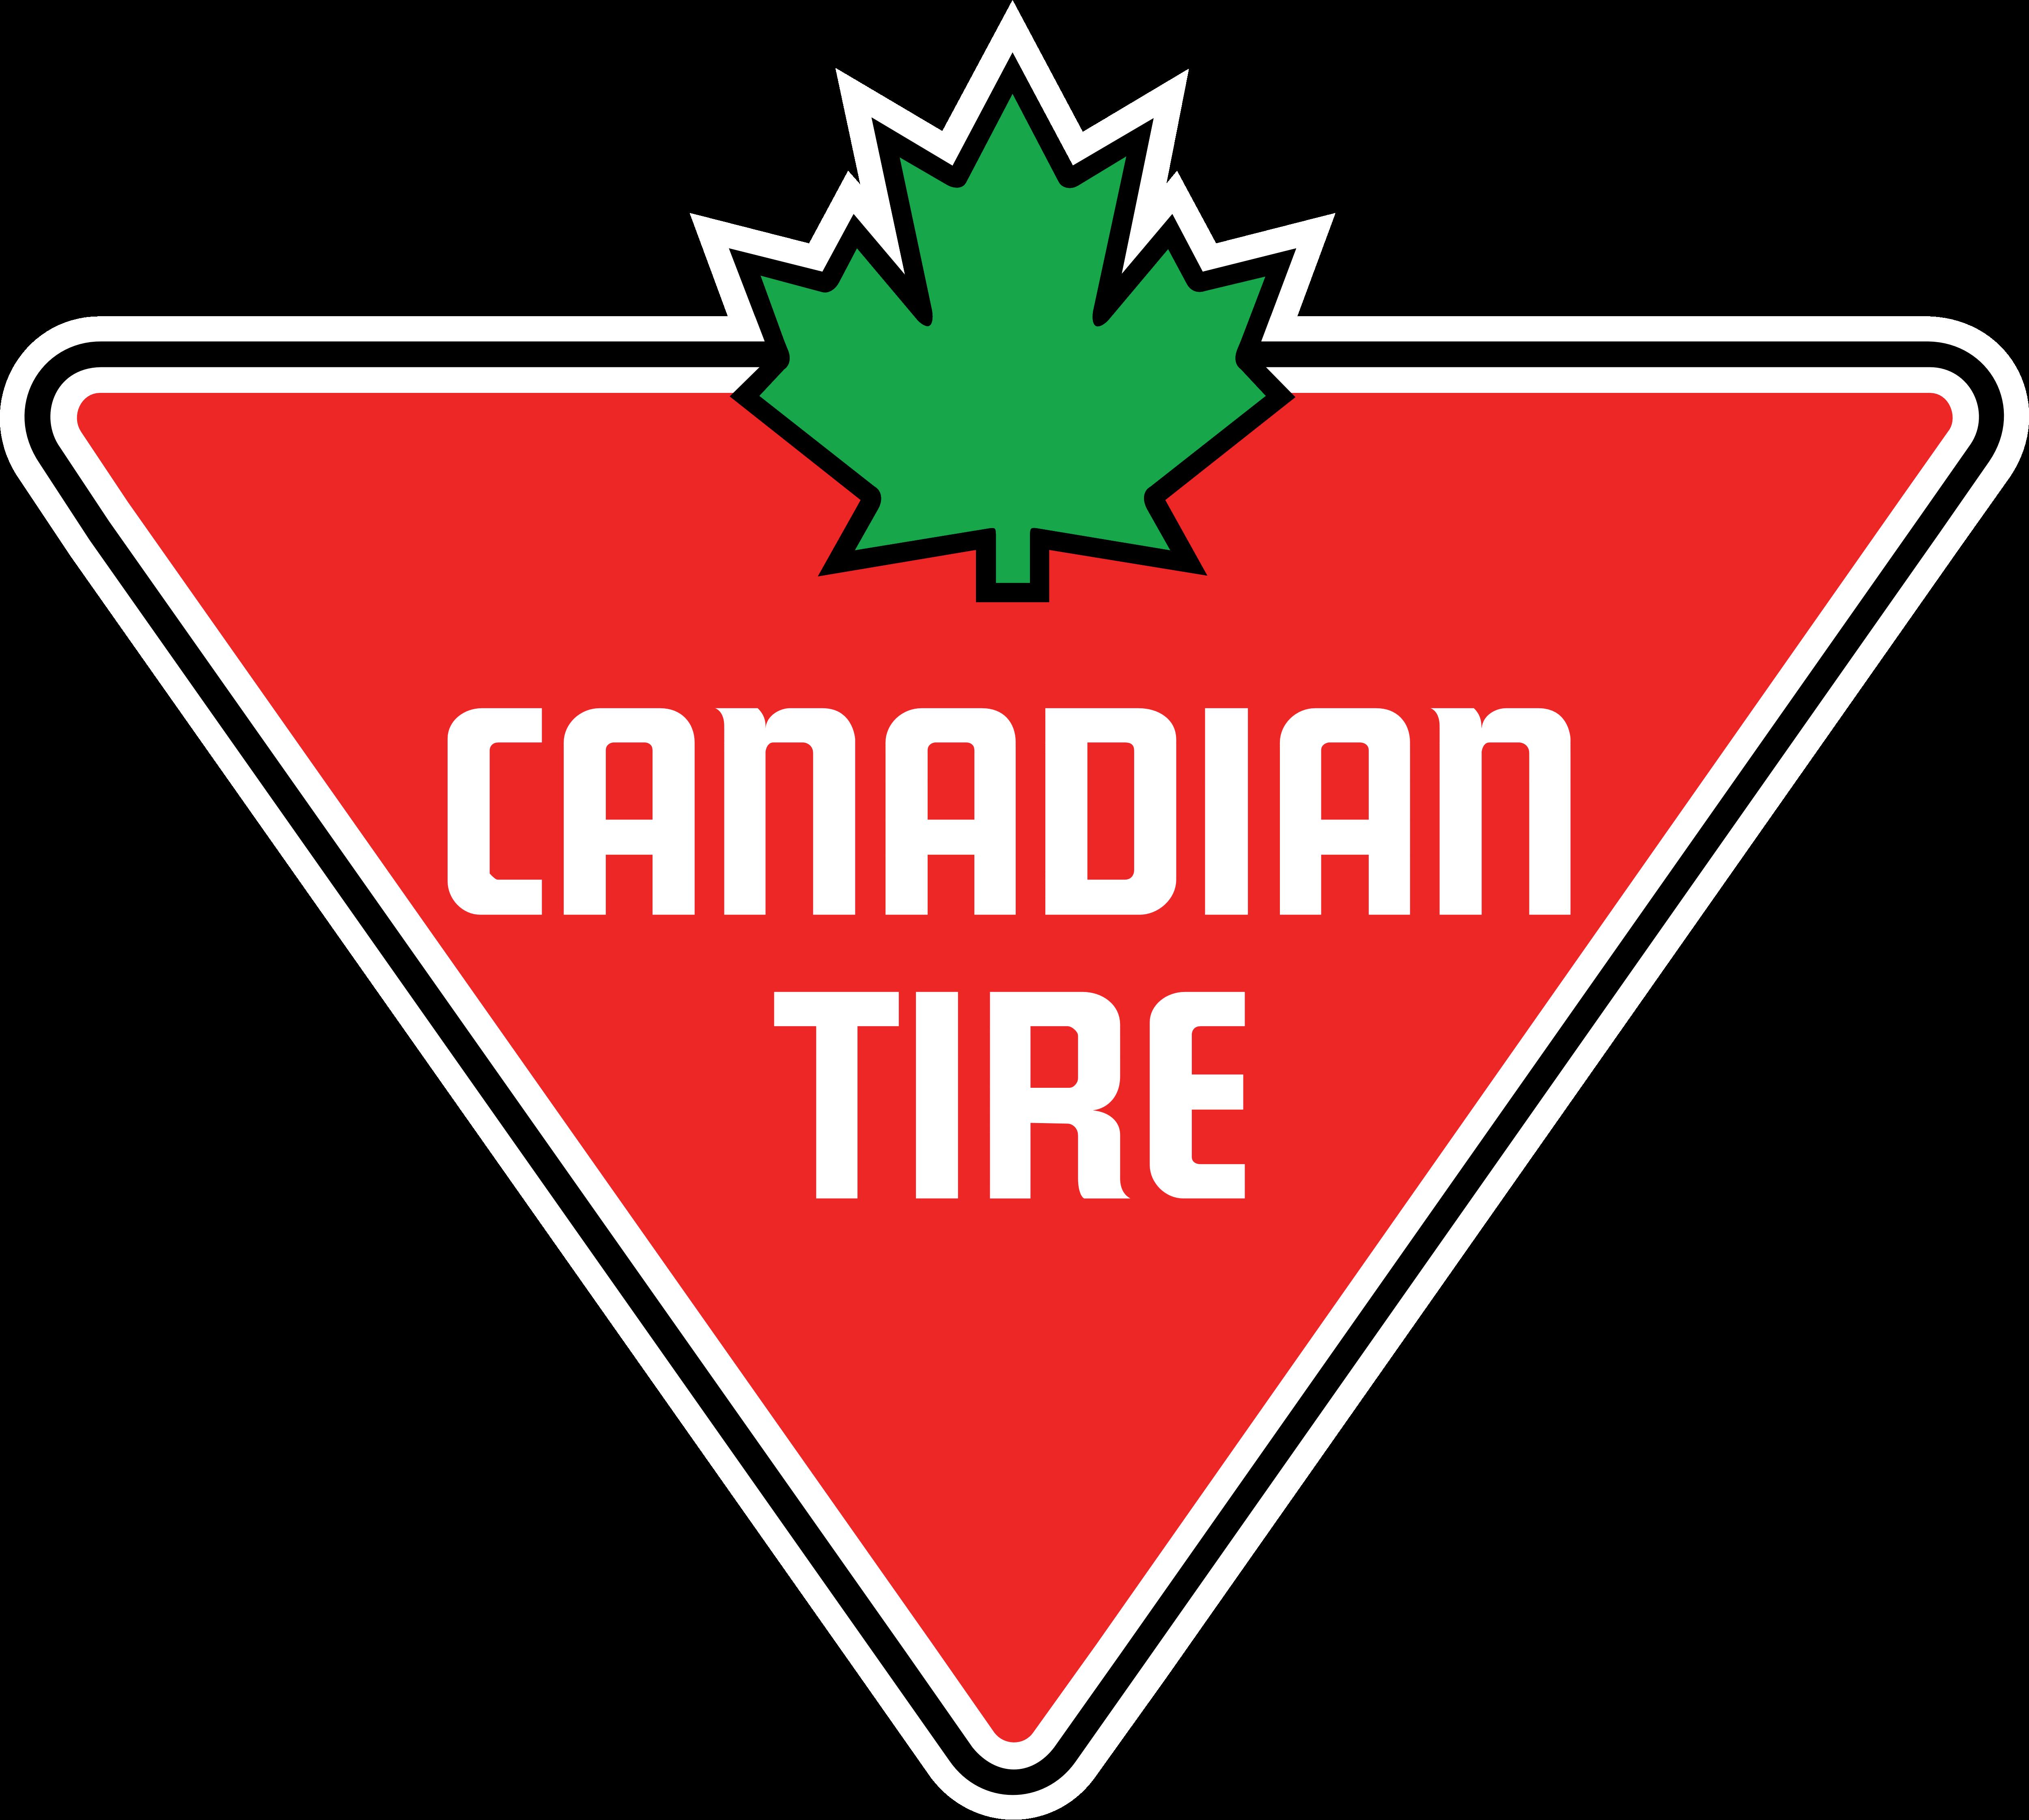 Dental Logotypes: Canadian Tire Logos Download